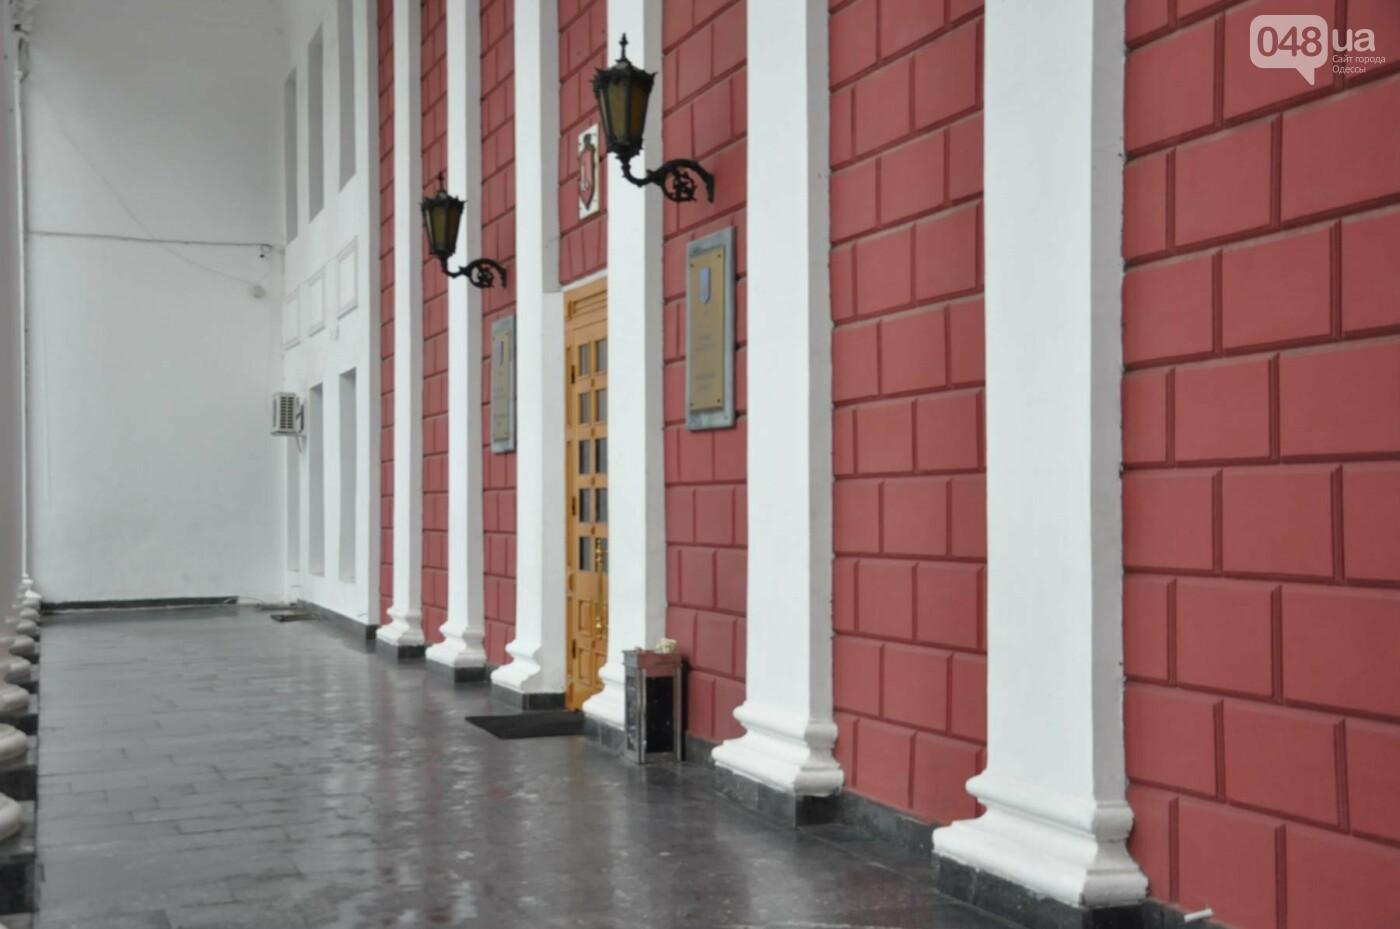 Ворота Летнего театра убрали из-под одесской мэрии (ФОТО), фото-1